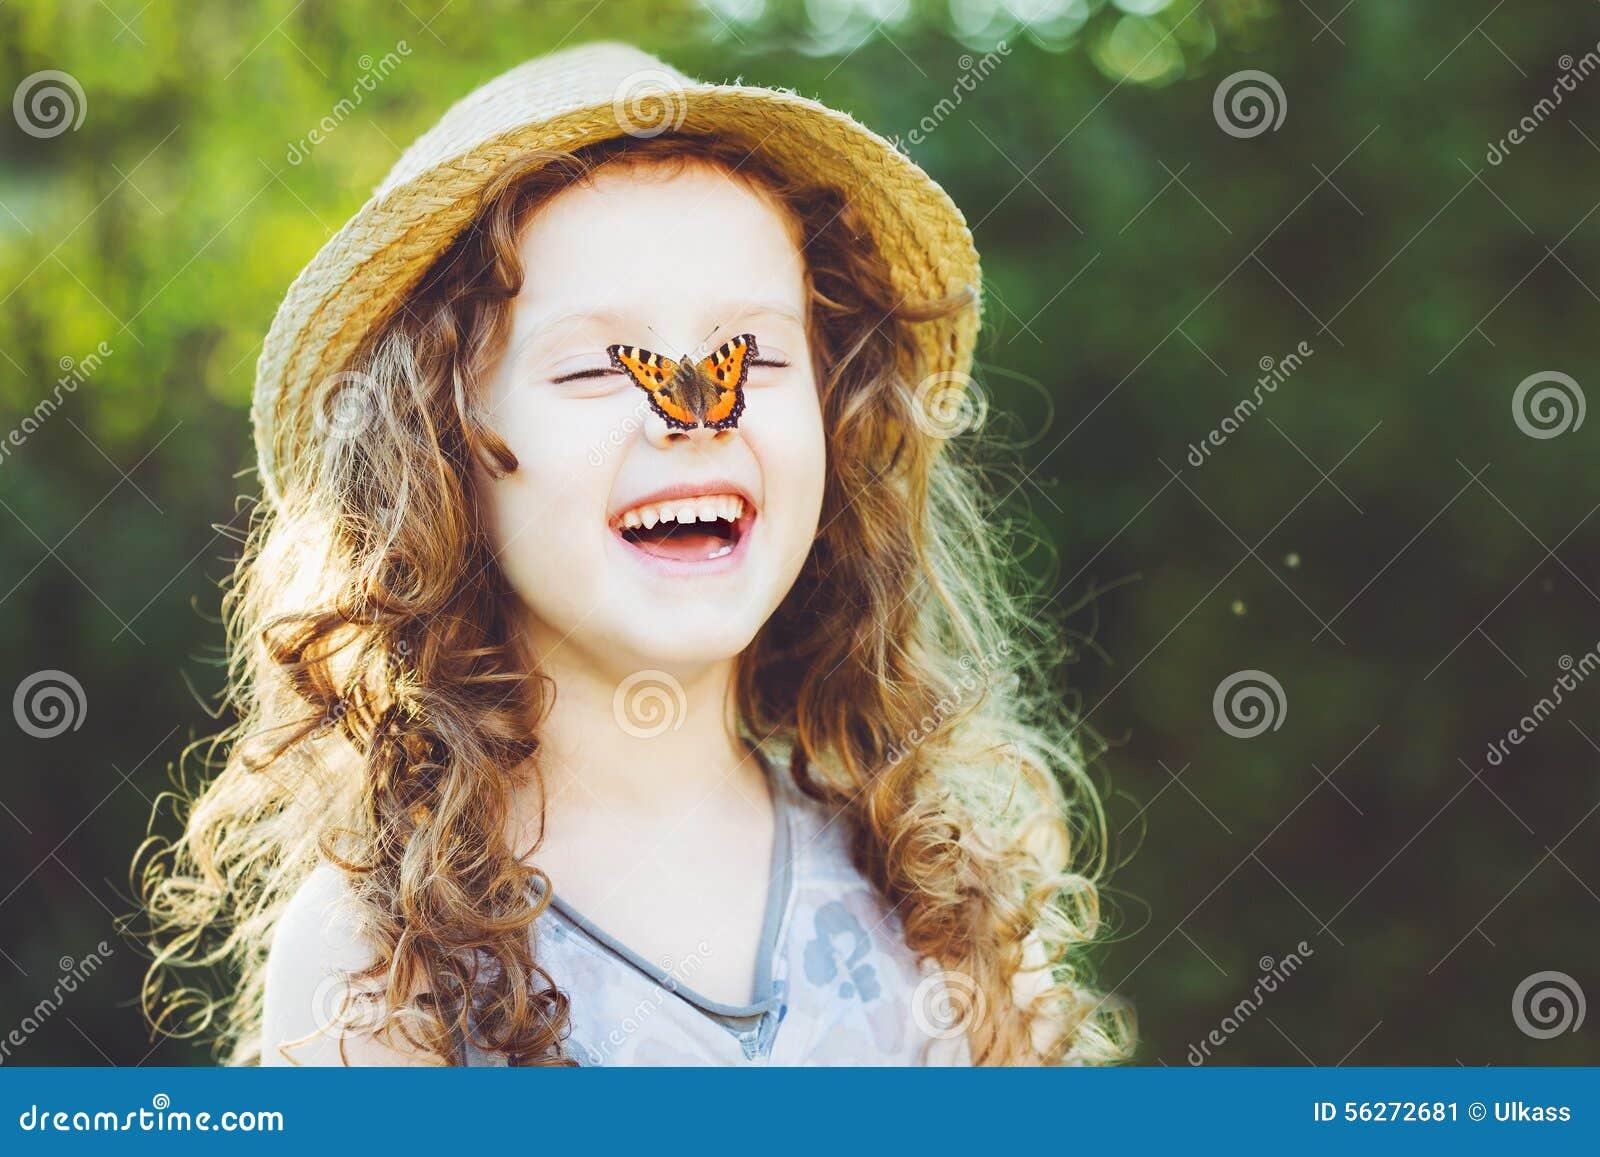 Ragazza riccia di risata con una farfalla sulla sua mano - Immagine di una ragazza a colori ...